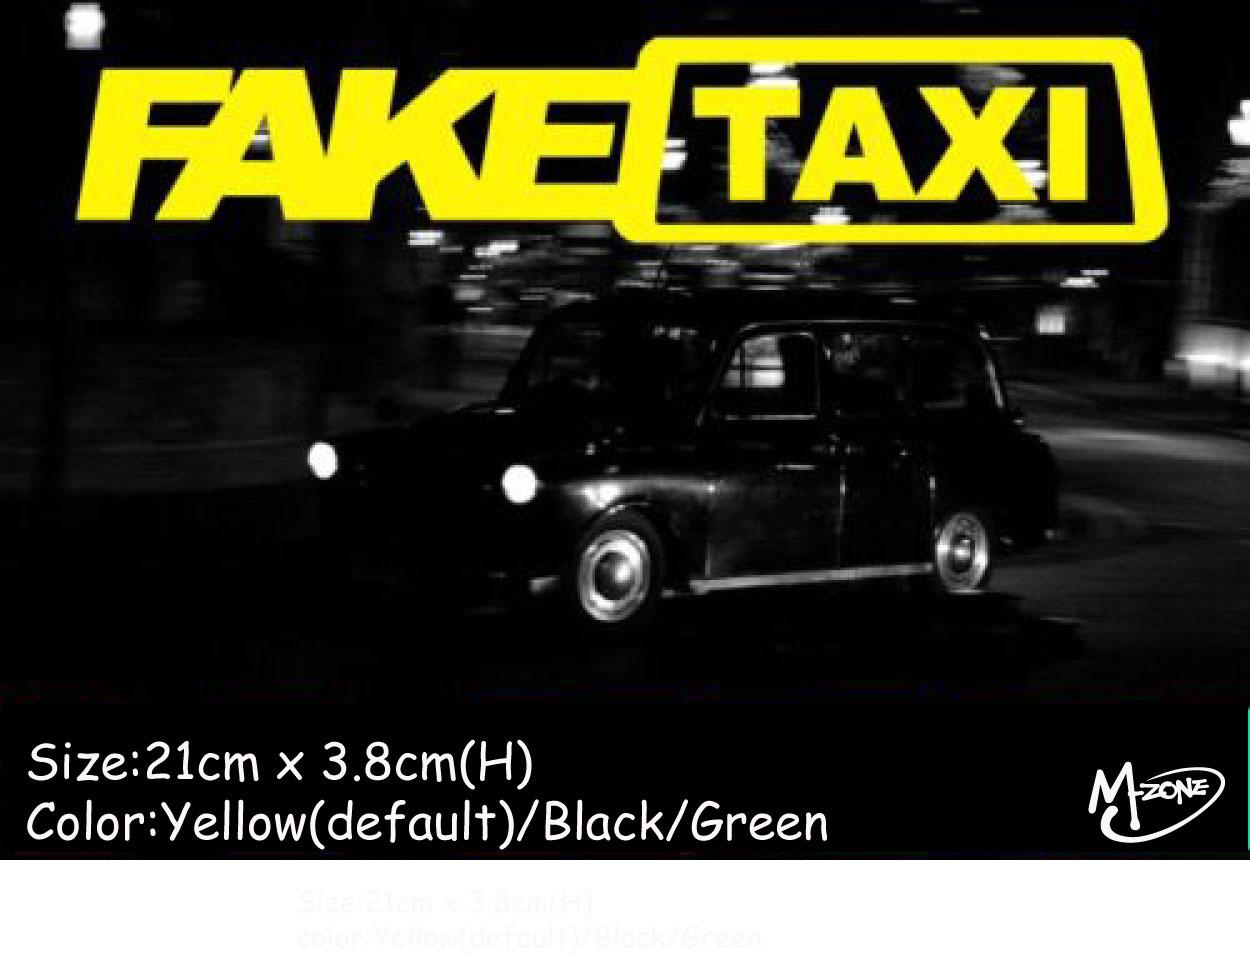 faketaxi com